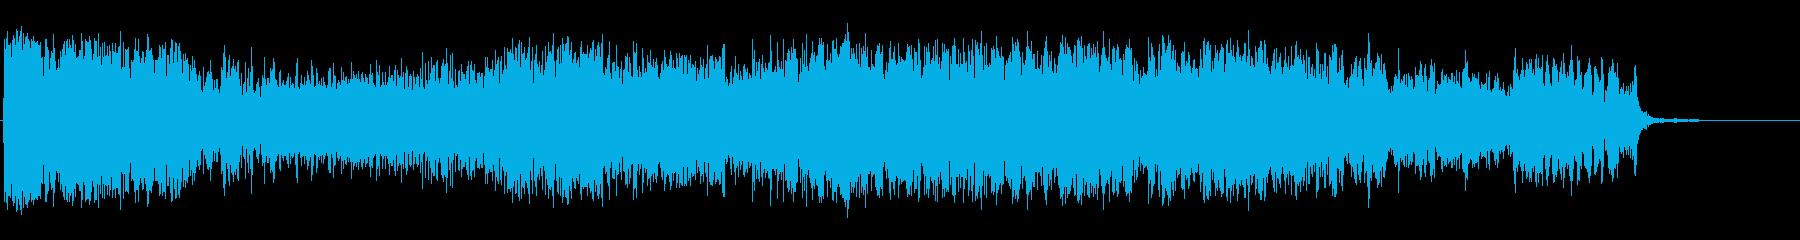 異様なの再生済みの波形